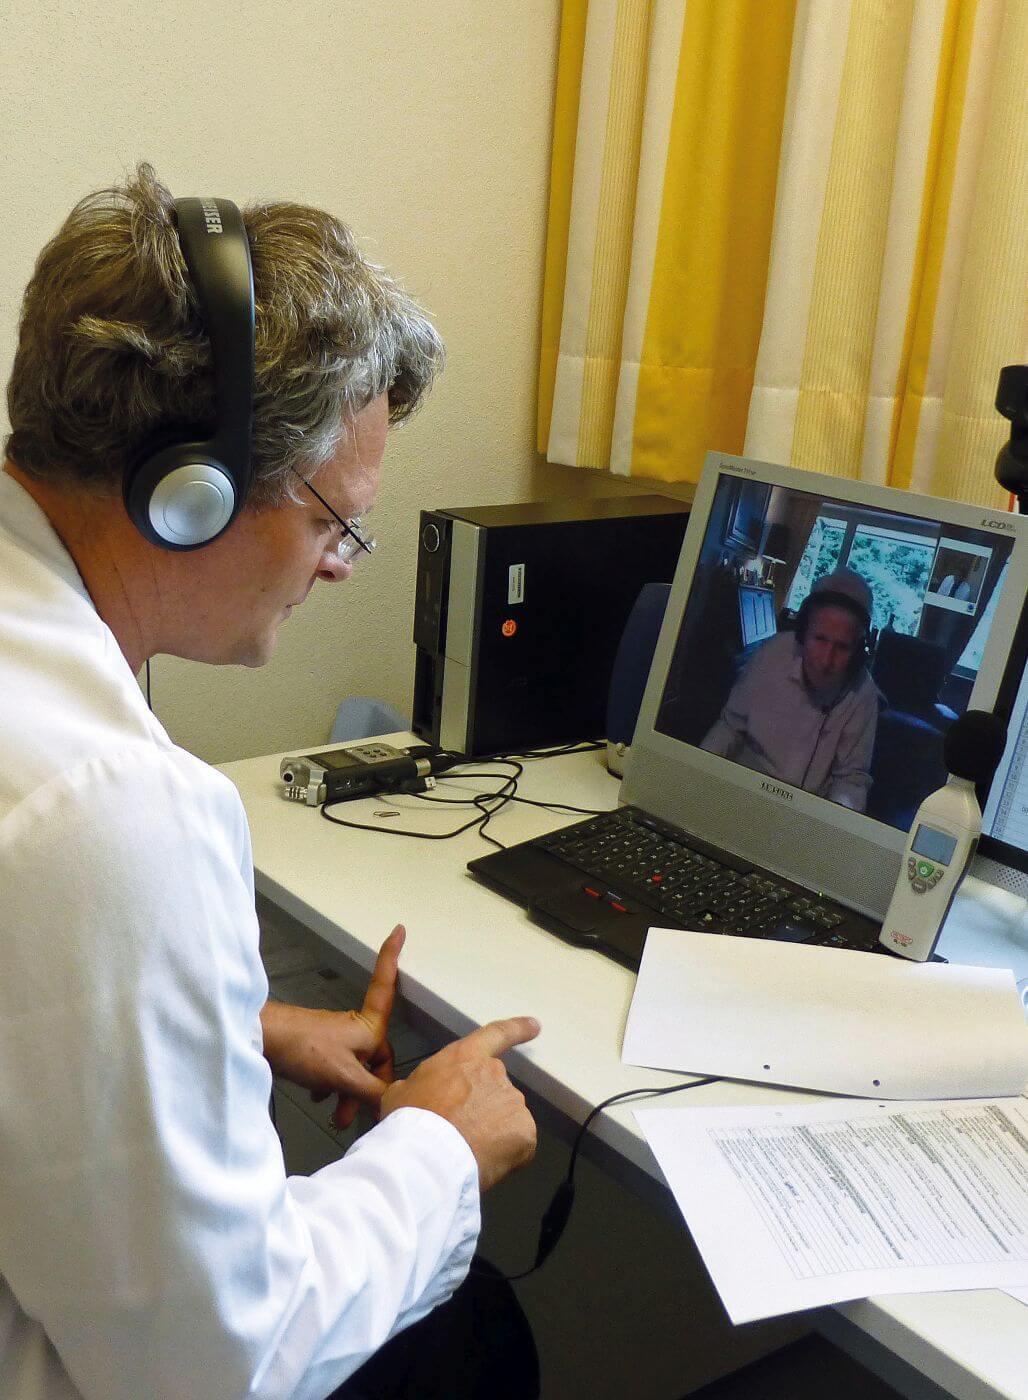 Arzt in Videokonferenz mit Patient.